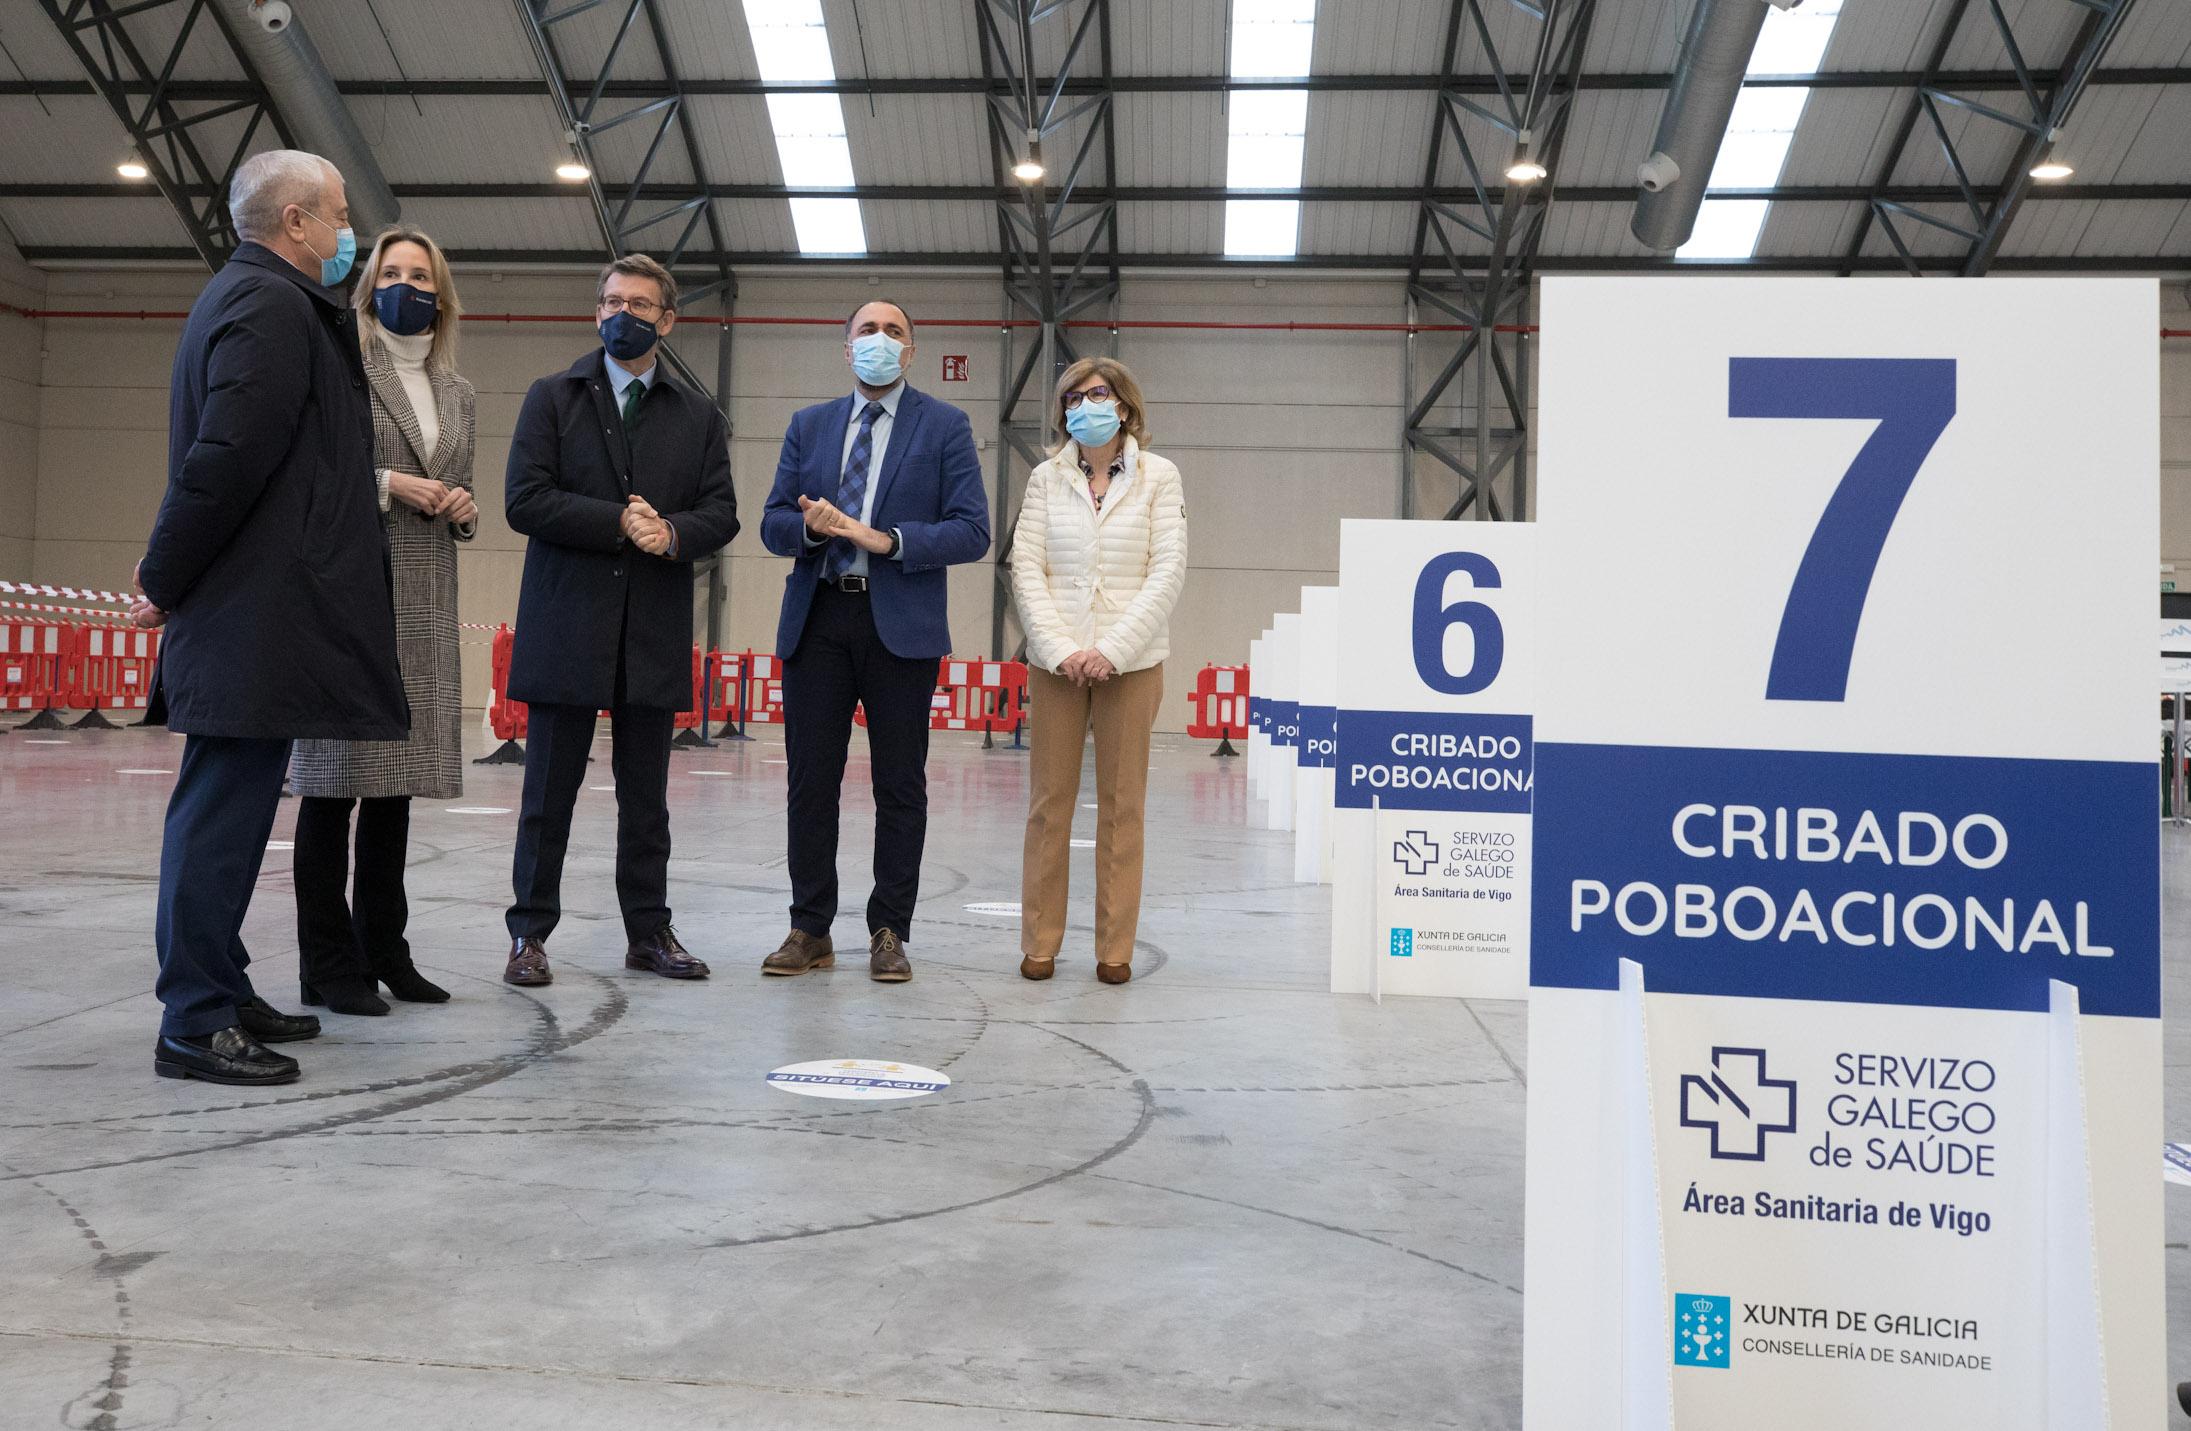 Feijóo en IFEVi polos cribados feitos en Vigo